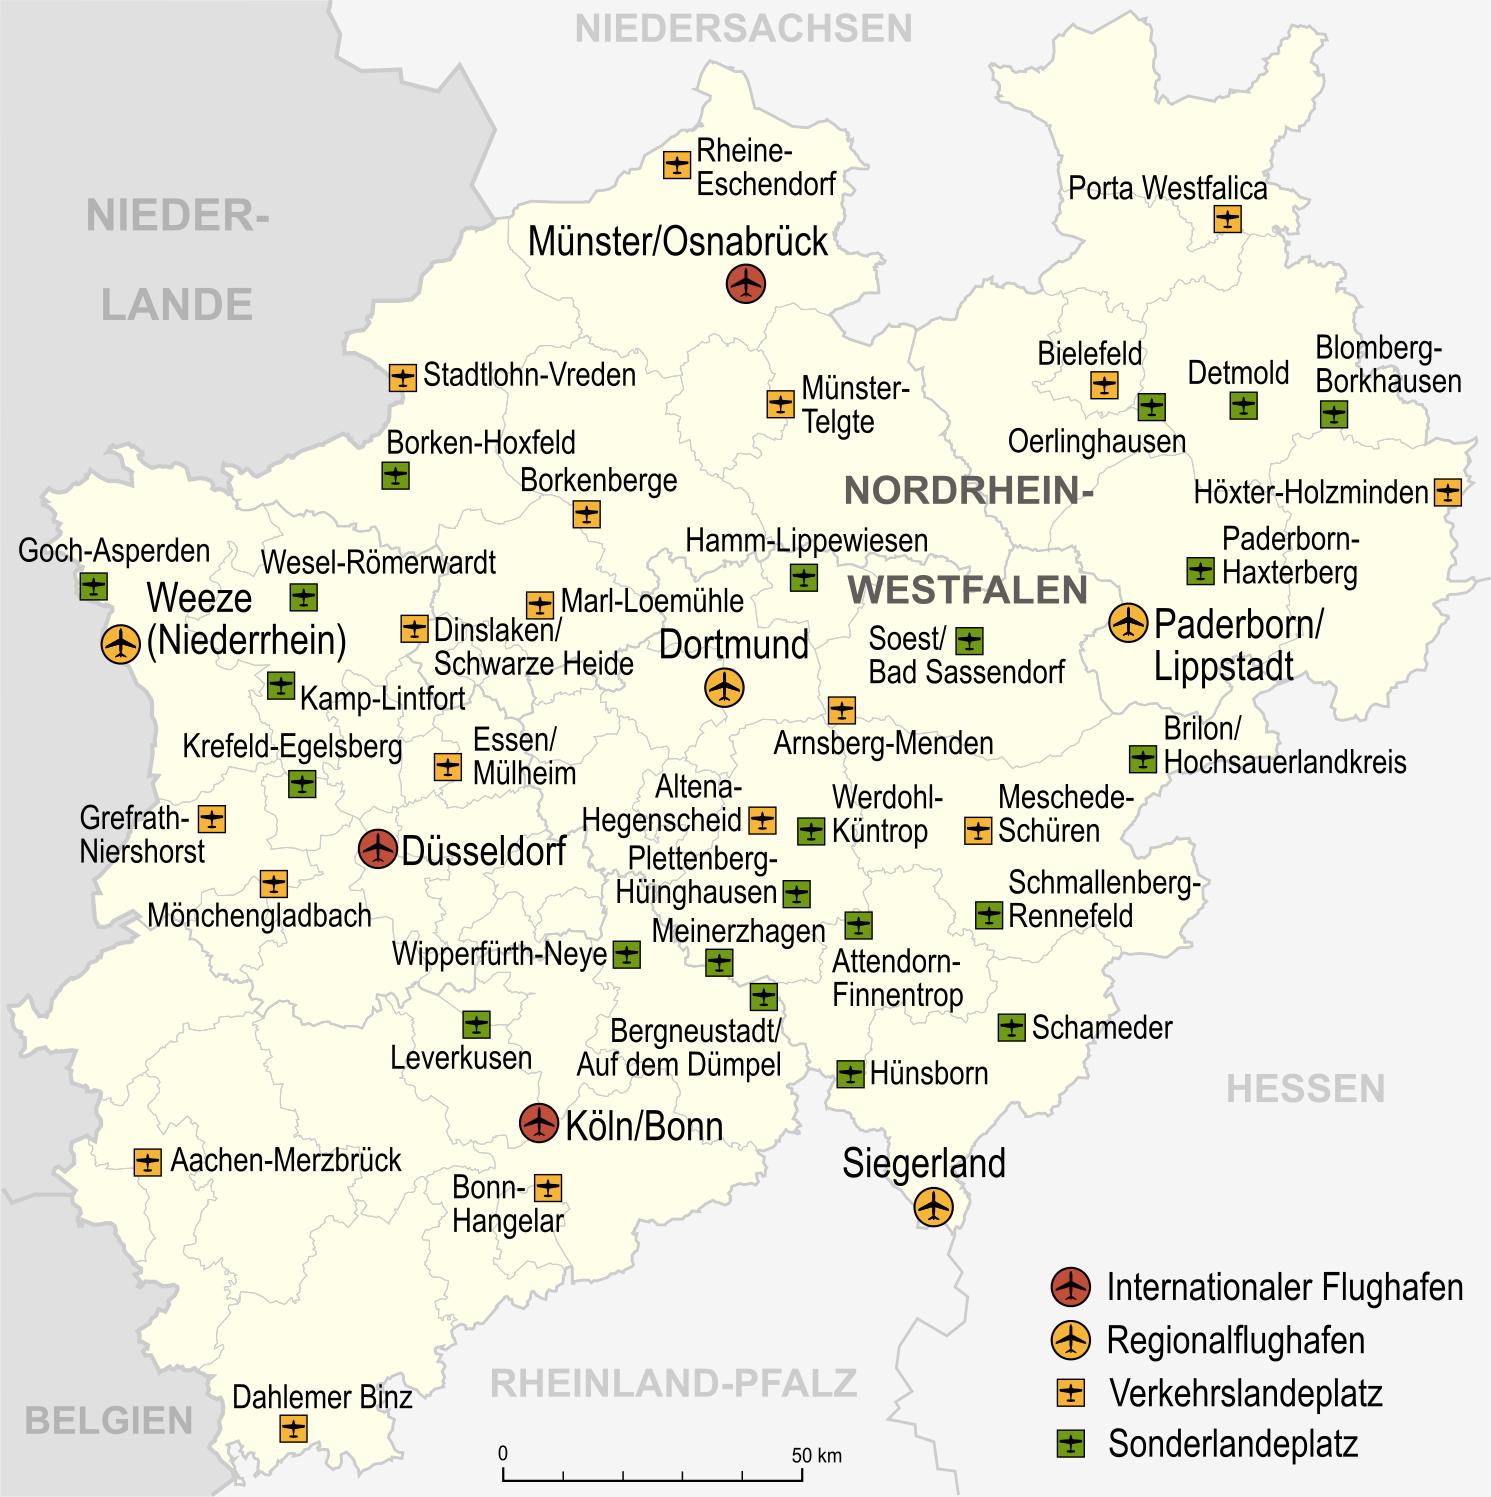 Nordrhein Westfalen Karte.Datei Nordrhein Westfalen Flughafen Und Landeplatze Png